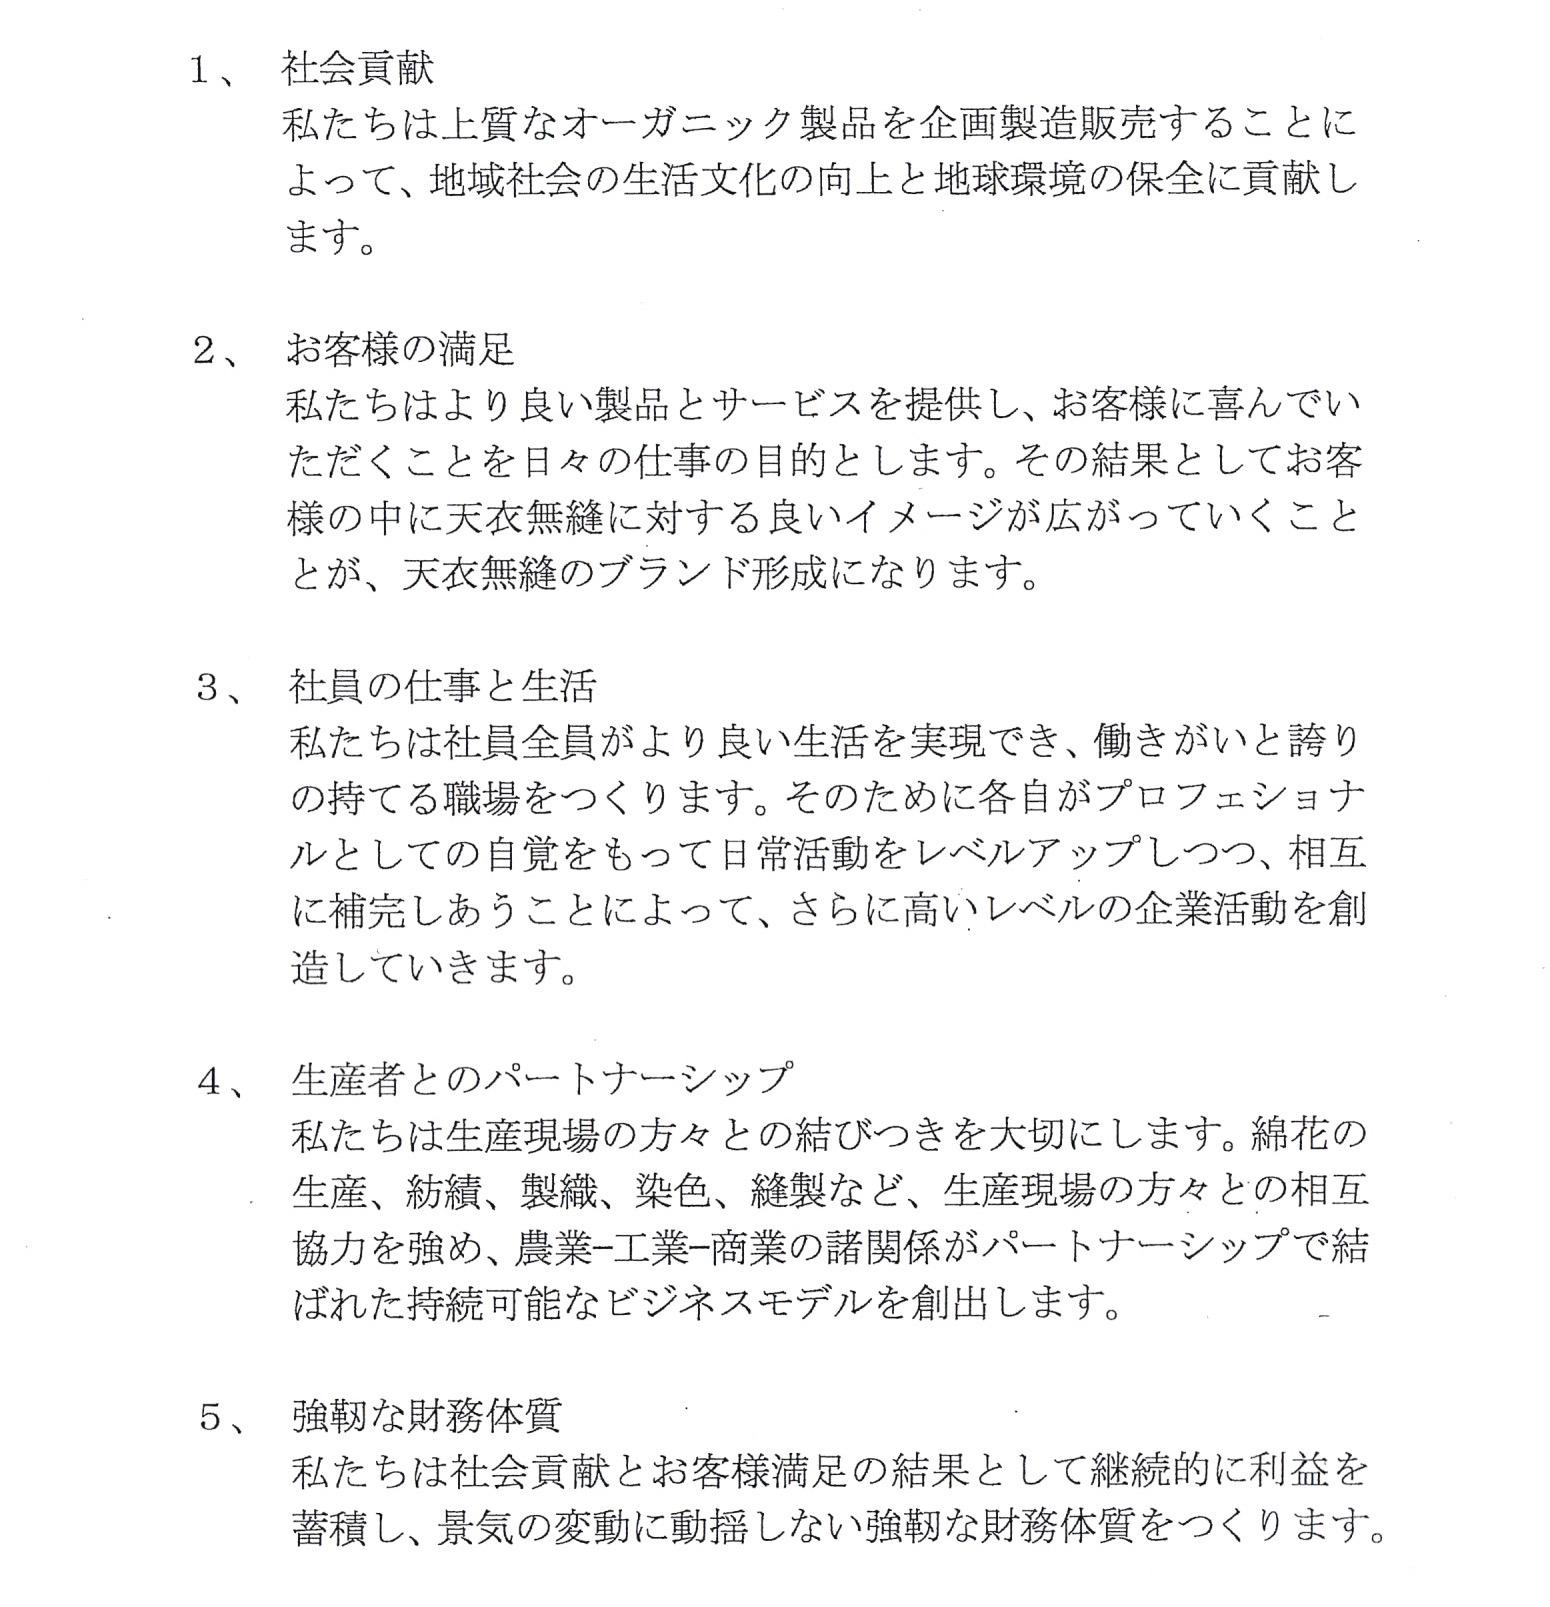 (株)新藤(天衣無縫)第59期経営指針会議を行いました。